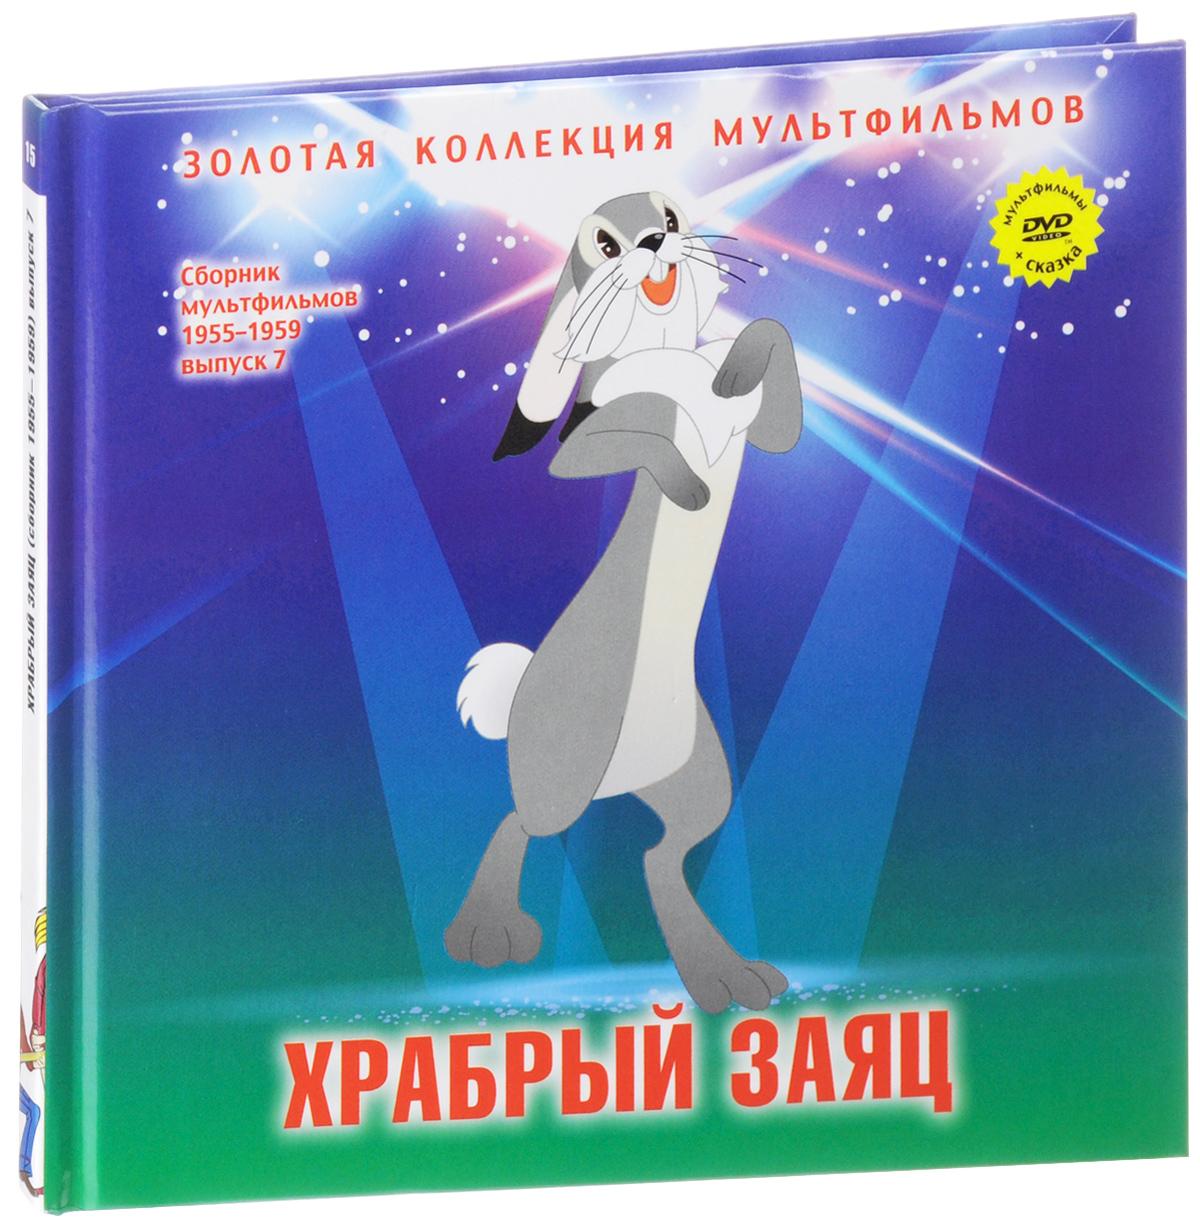 Сборник мультфильмов 1955-1959: Выпуск 7: Храбрый заяц